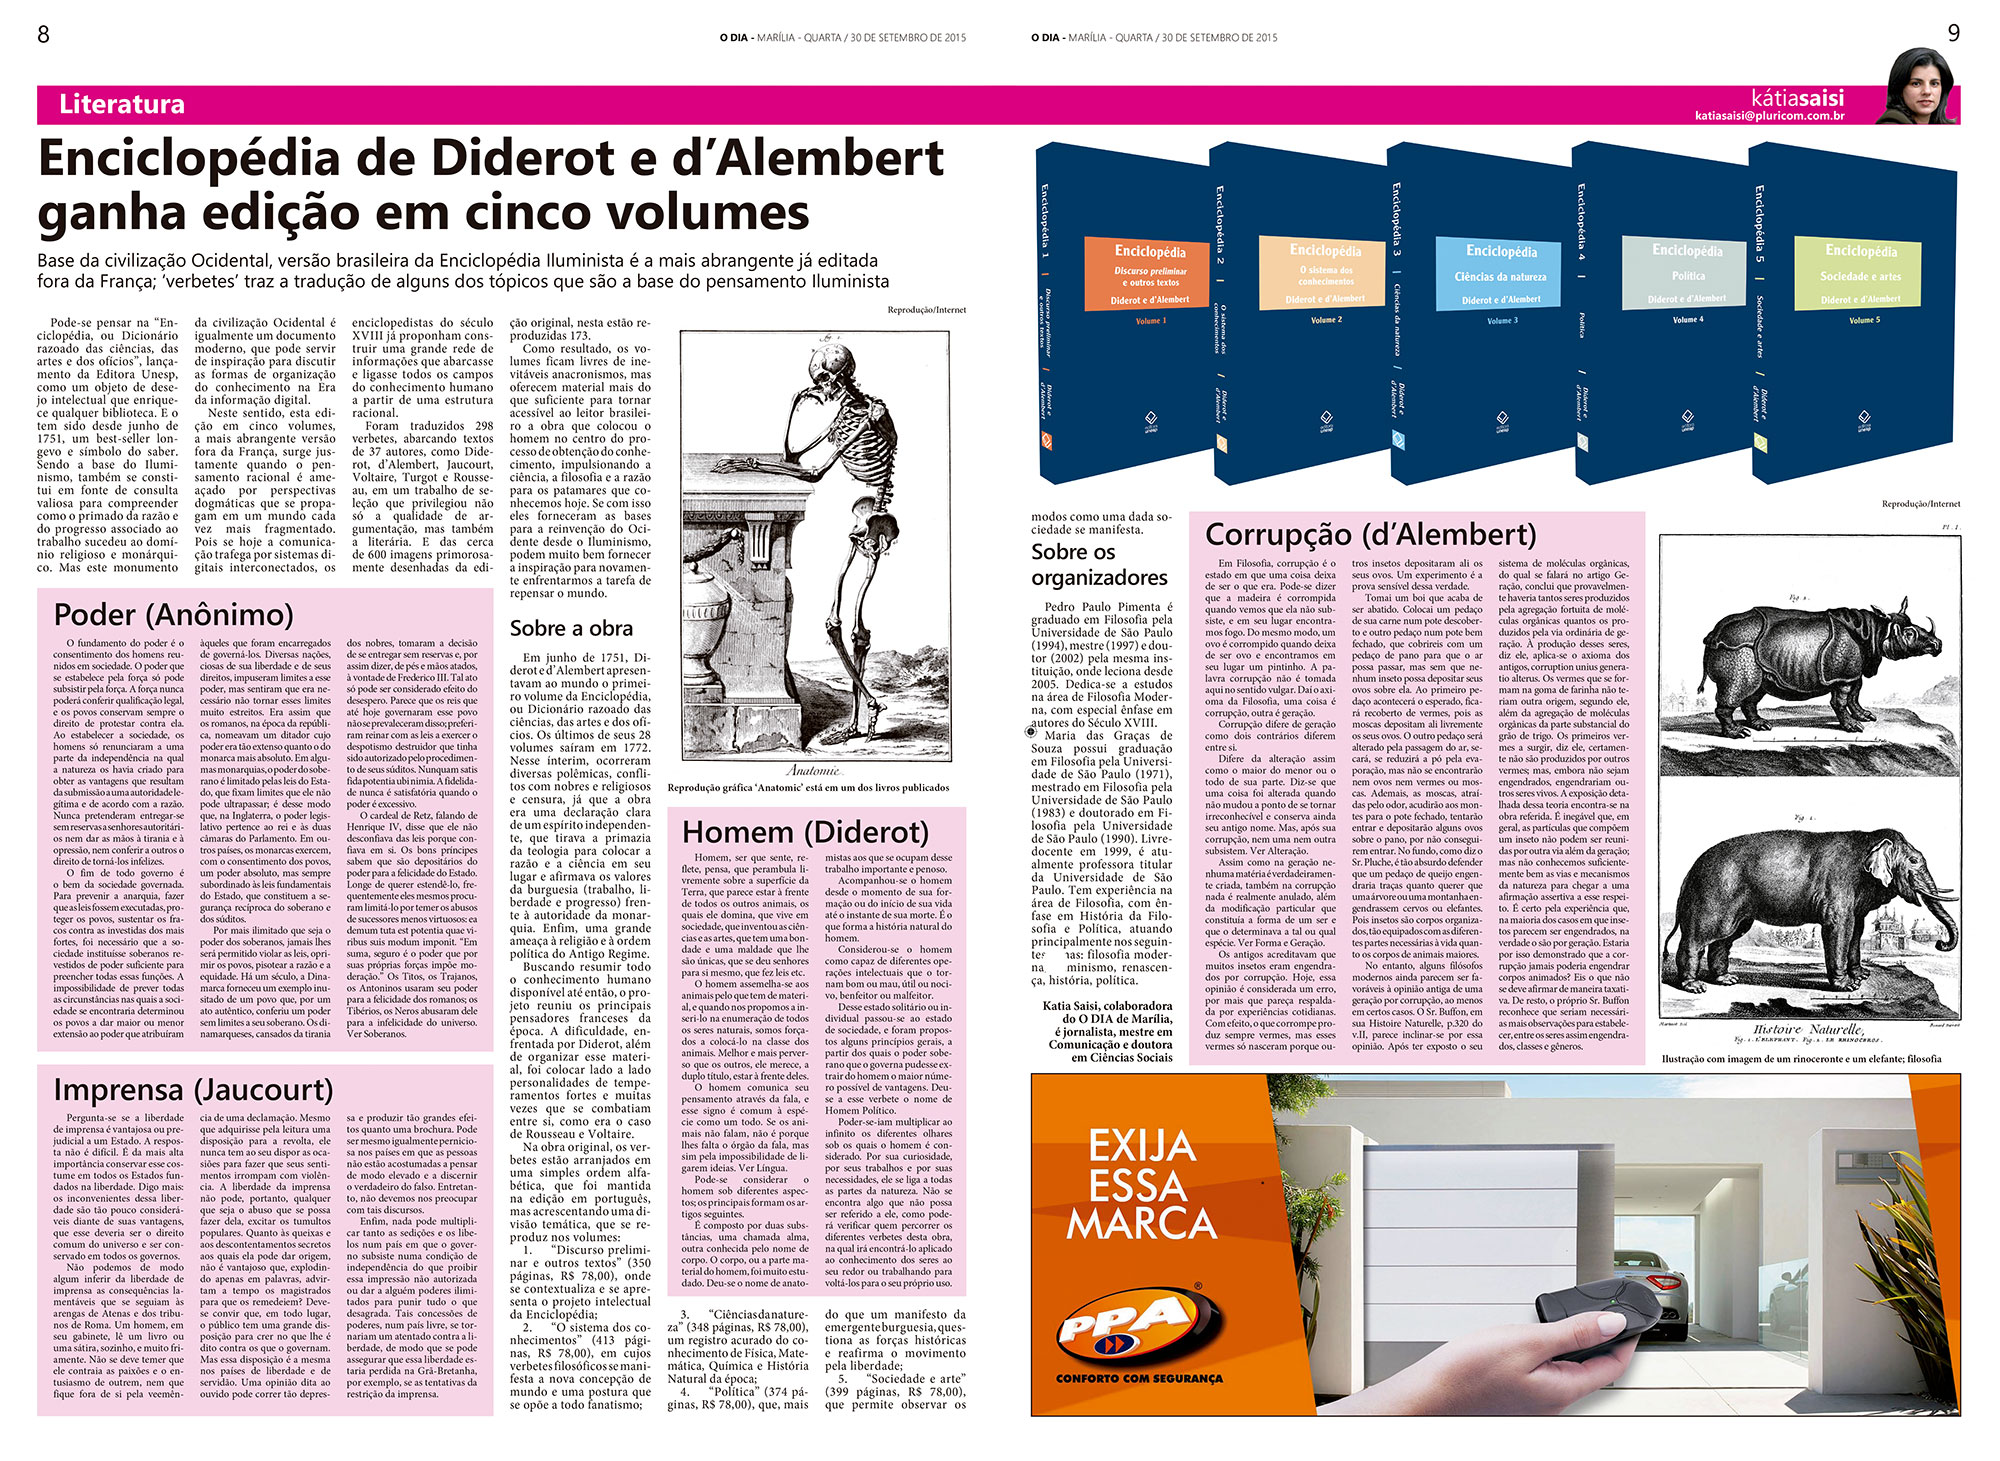 Enciclopédia de Diderot e d'Alembert ganha edição em cinco volumes